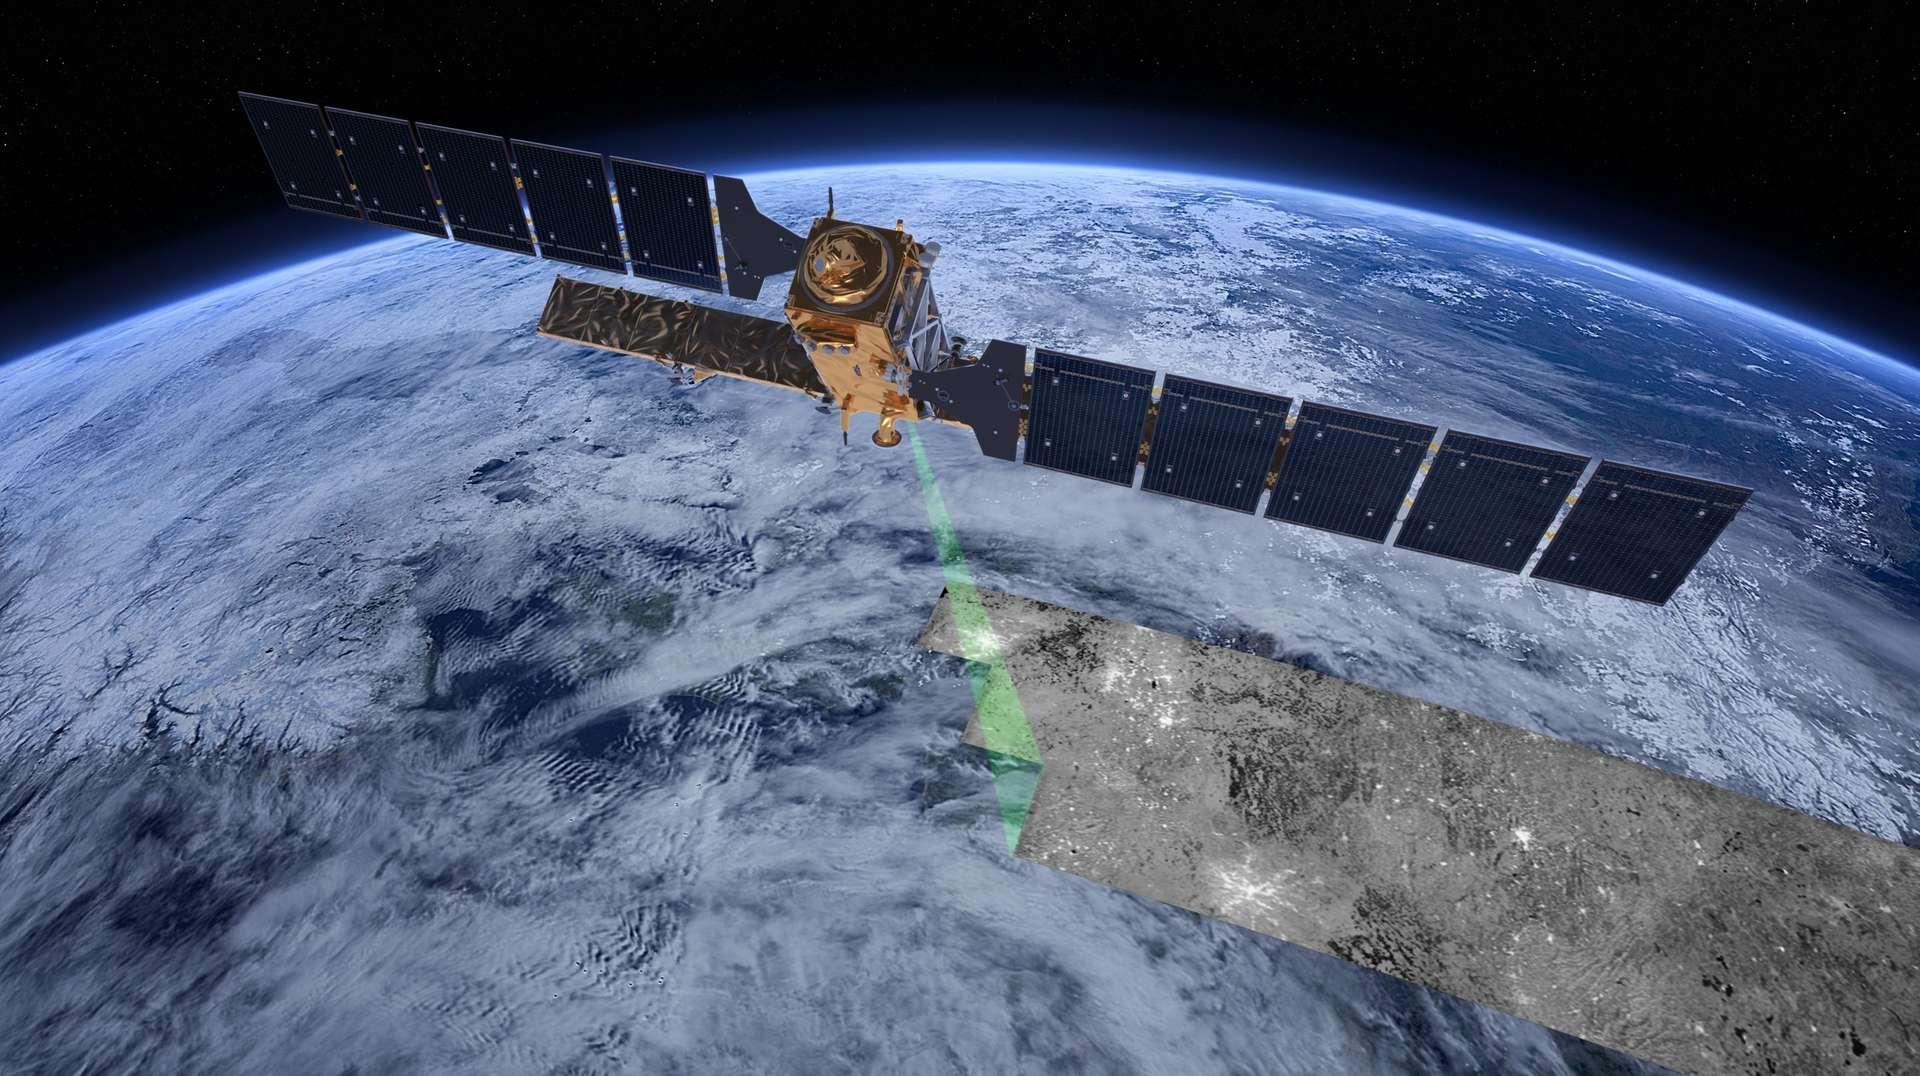 L'imagerie satellite constitue un nouveau moyen de détection des essais nucléaires, plus précis que les mesures sismiques conventionnelles. © ESA, ATG medialab